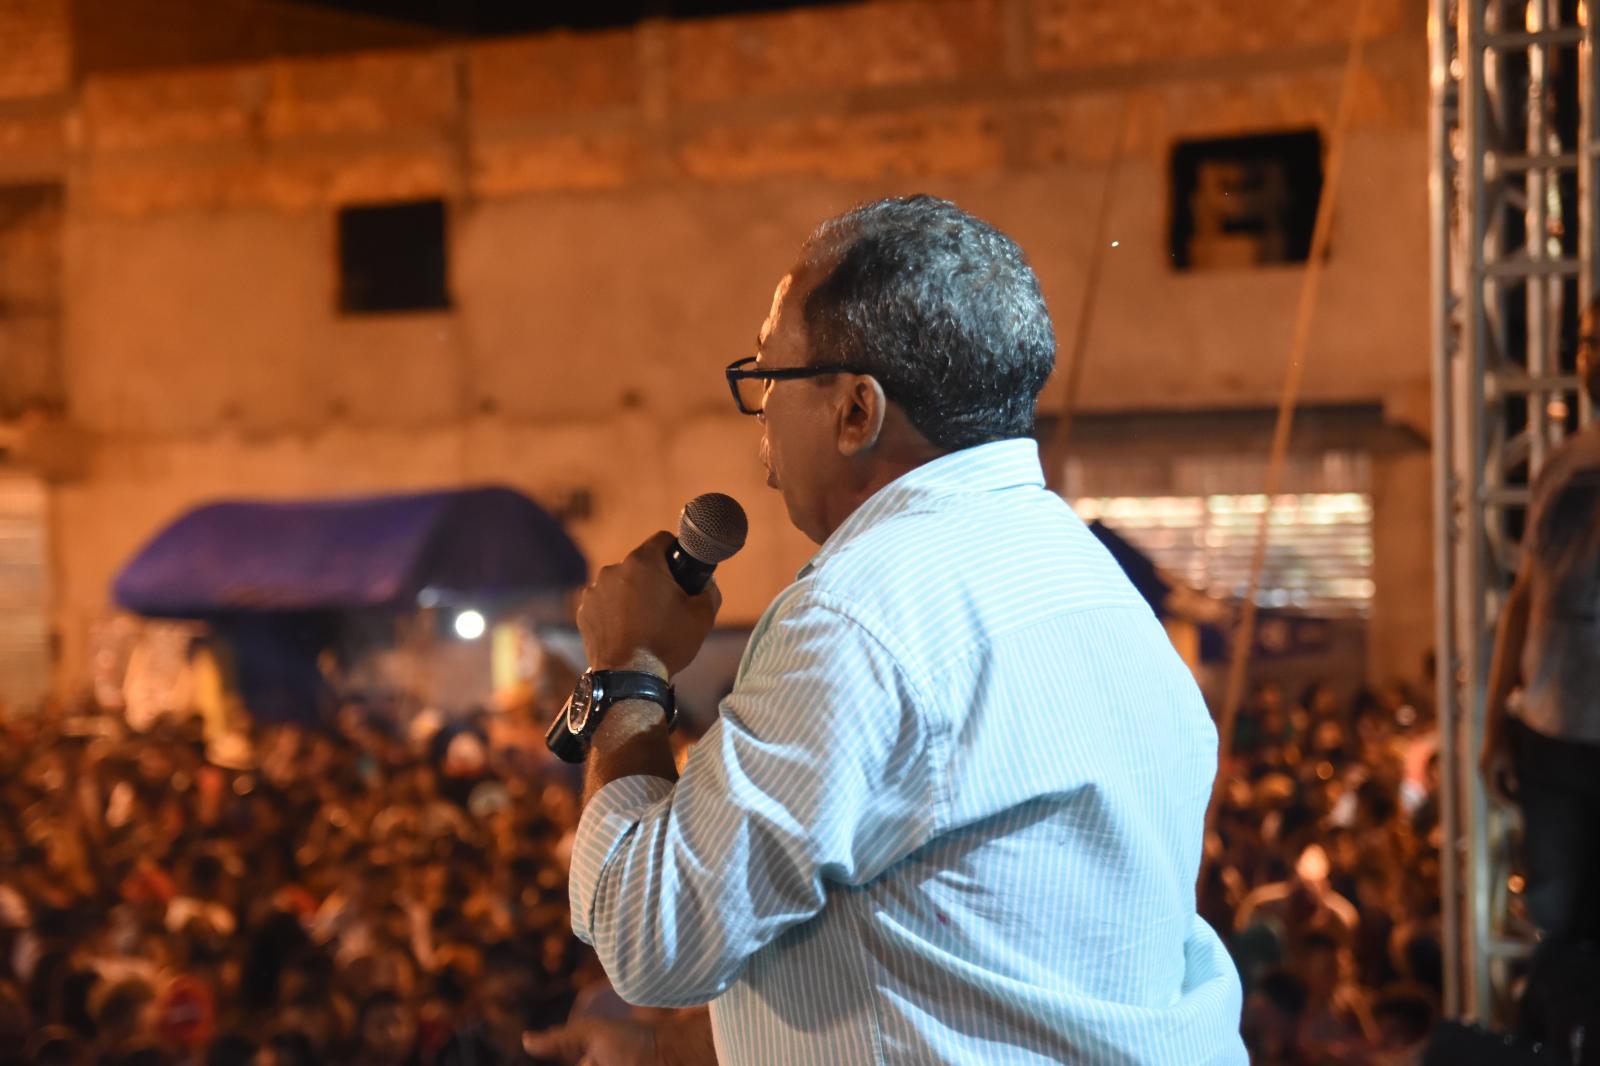 Josimar da Serraria comemora vitória com Praça da Culta completamente lotada